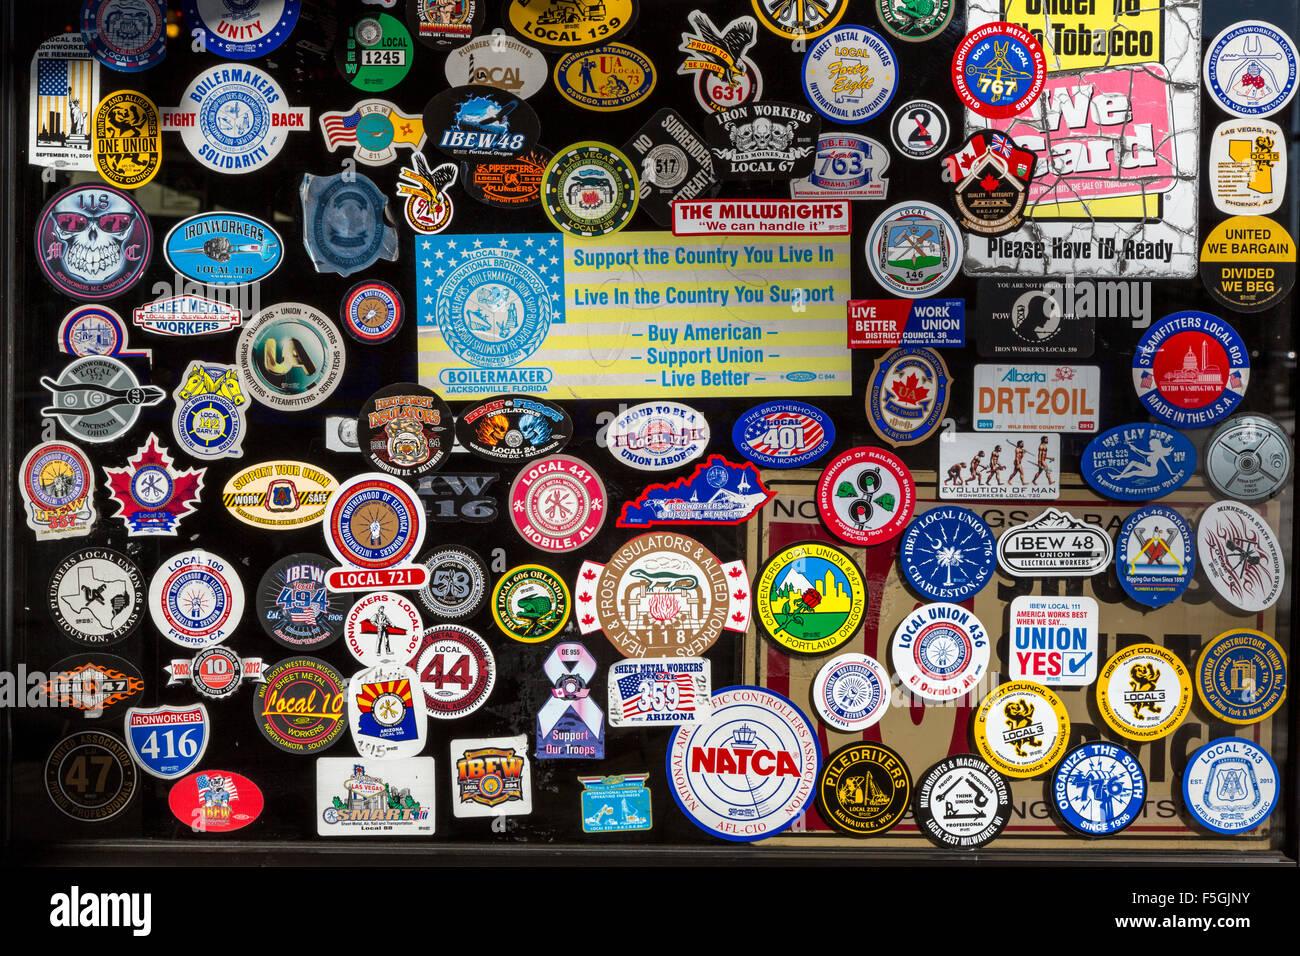 Las Vegas, Nevada. Pegatinas de pertenencia a la Unión. Imagen De Stock